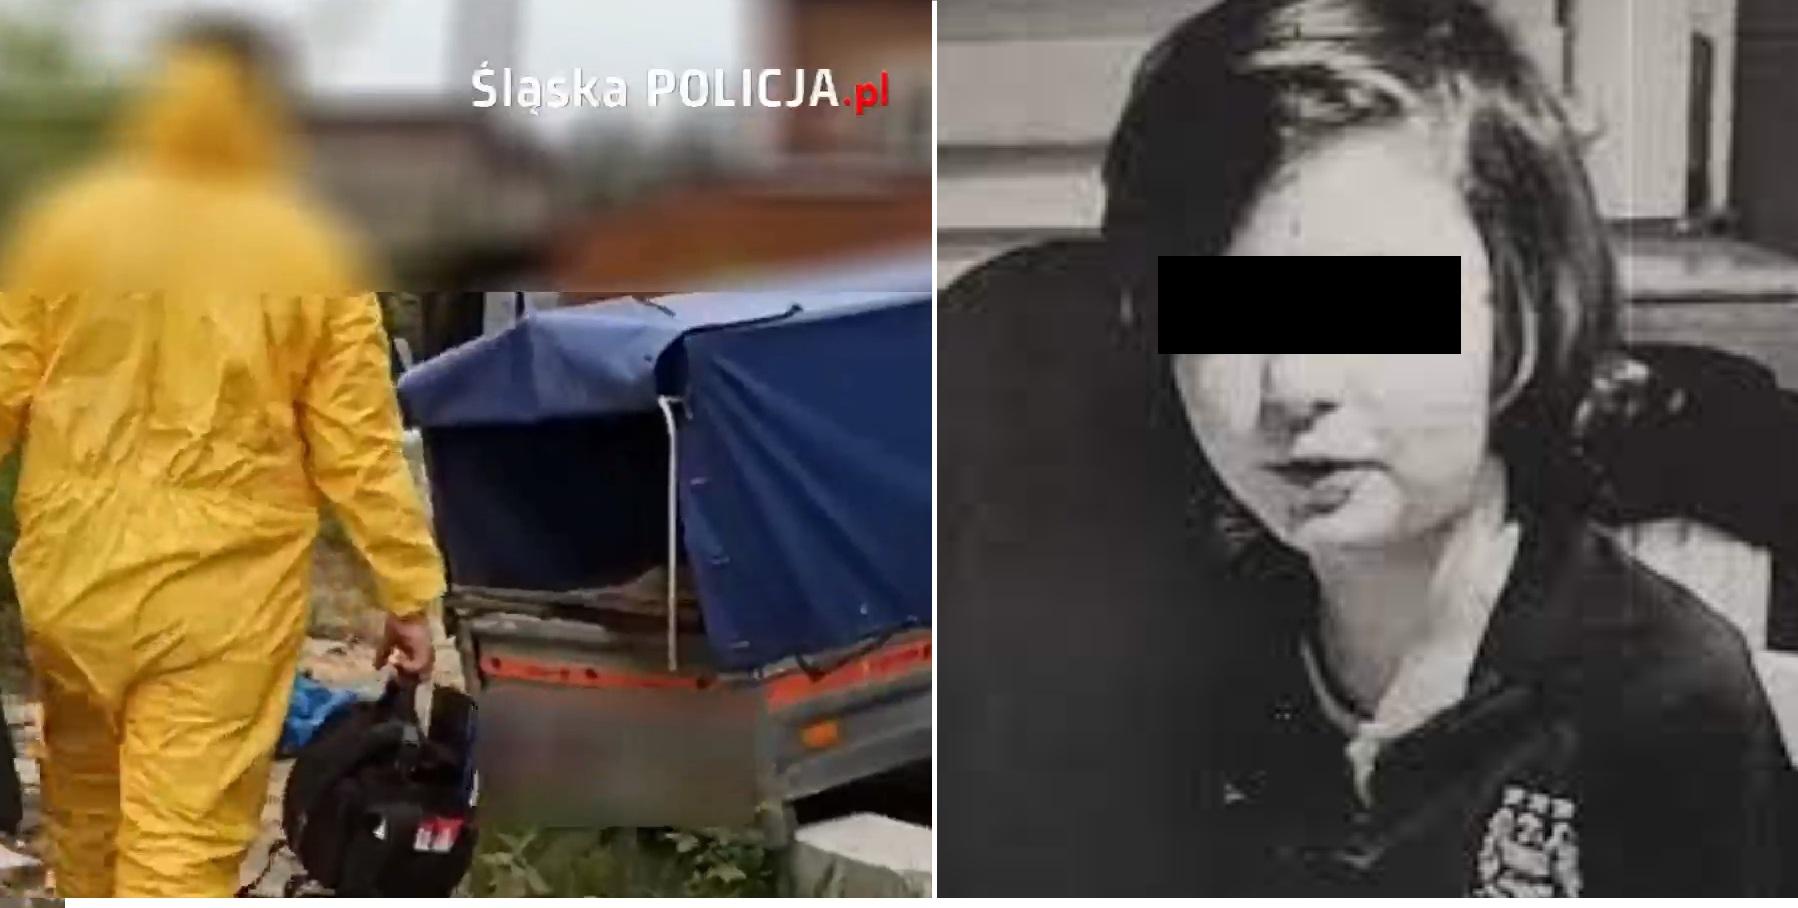 Sebastian nie żyje, 41-latek z Sosnowca został zatrzymany miał wyznać dlaczego zamordował chłopca oraz ujawnić jego ostatnie słowa